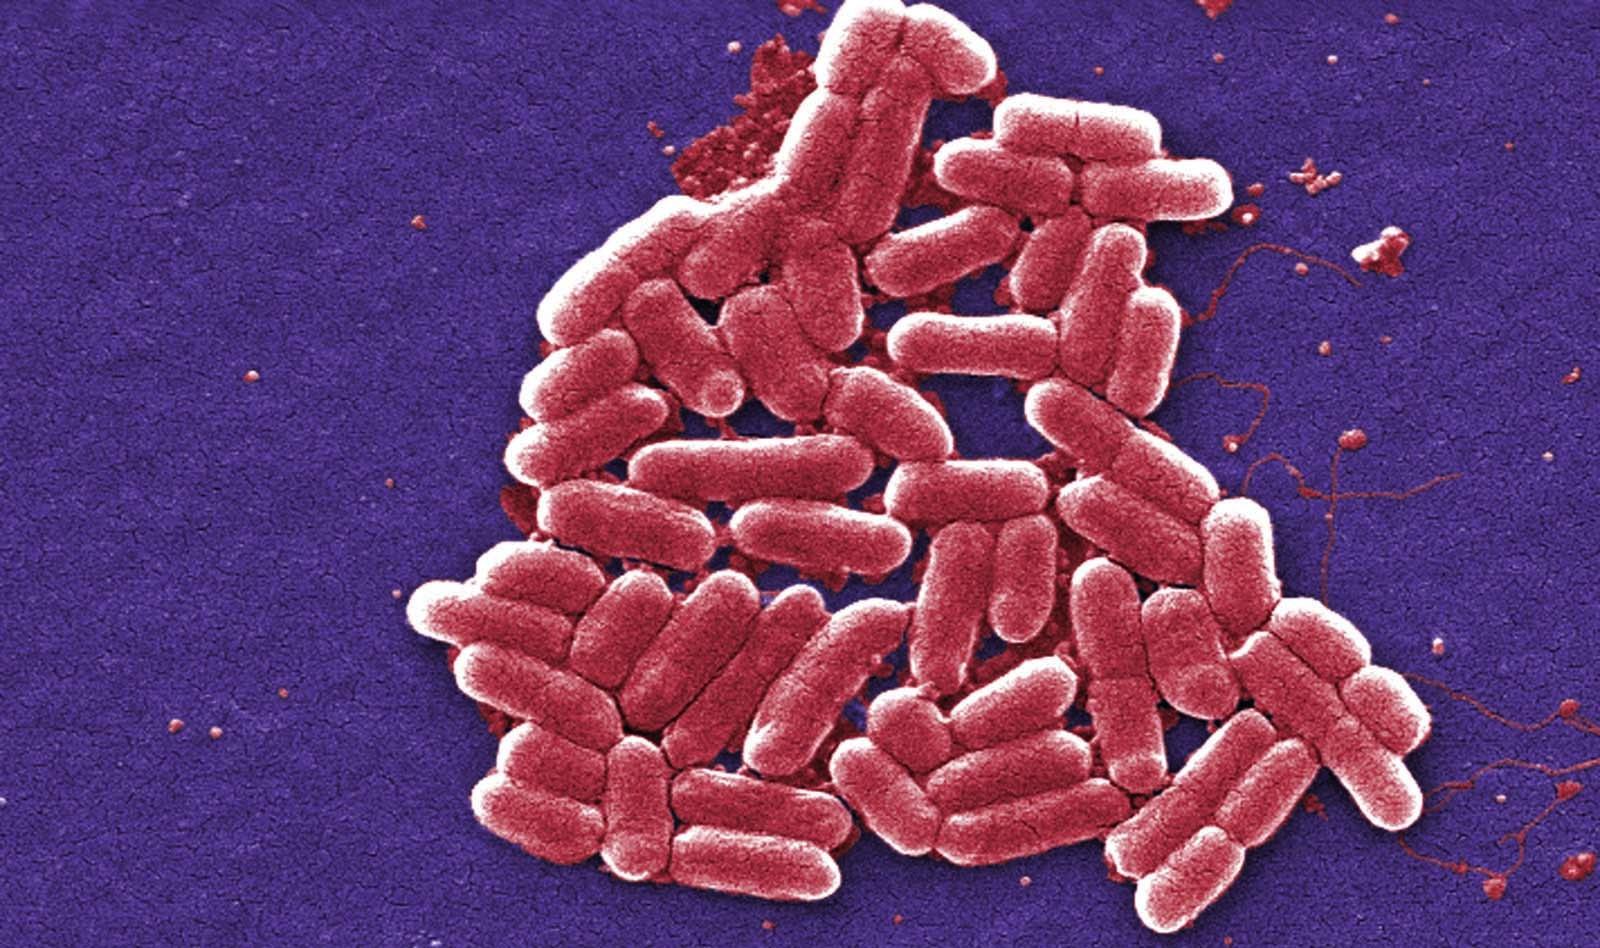 Gevaarlijke antibioticaresistentie in bacteriën